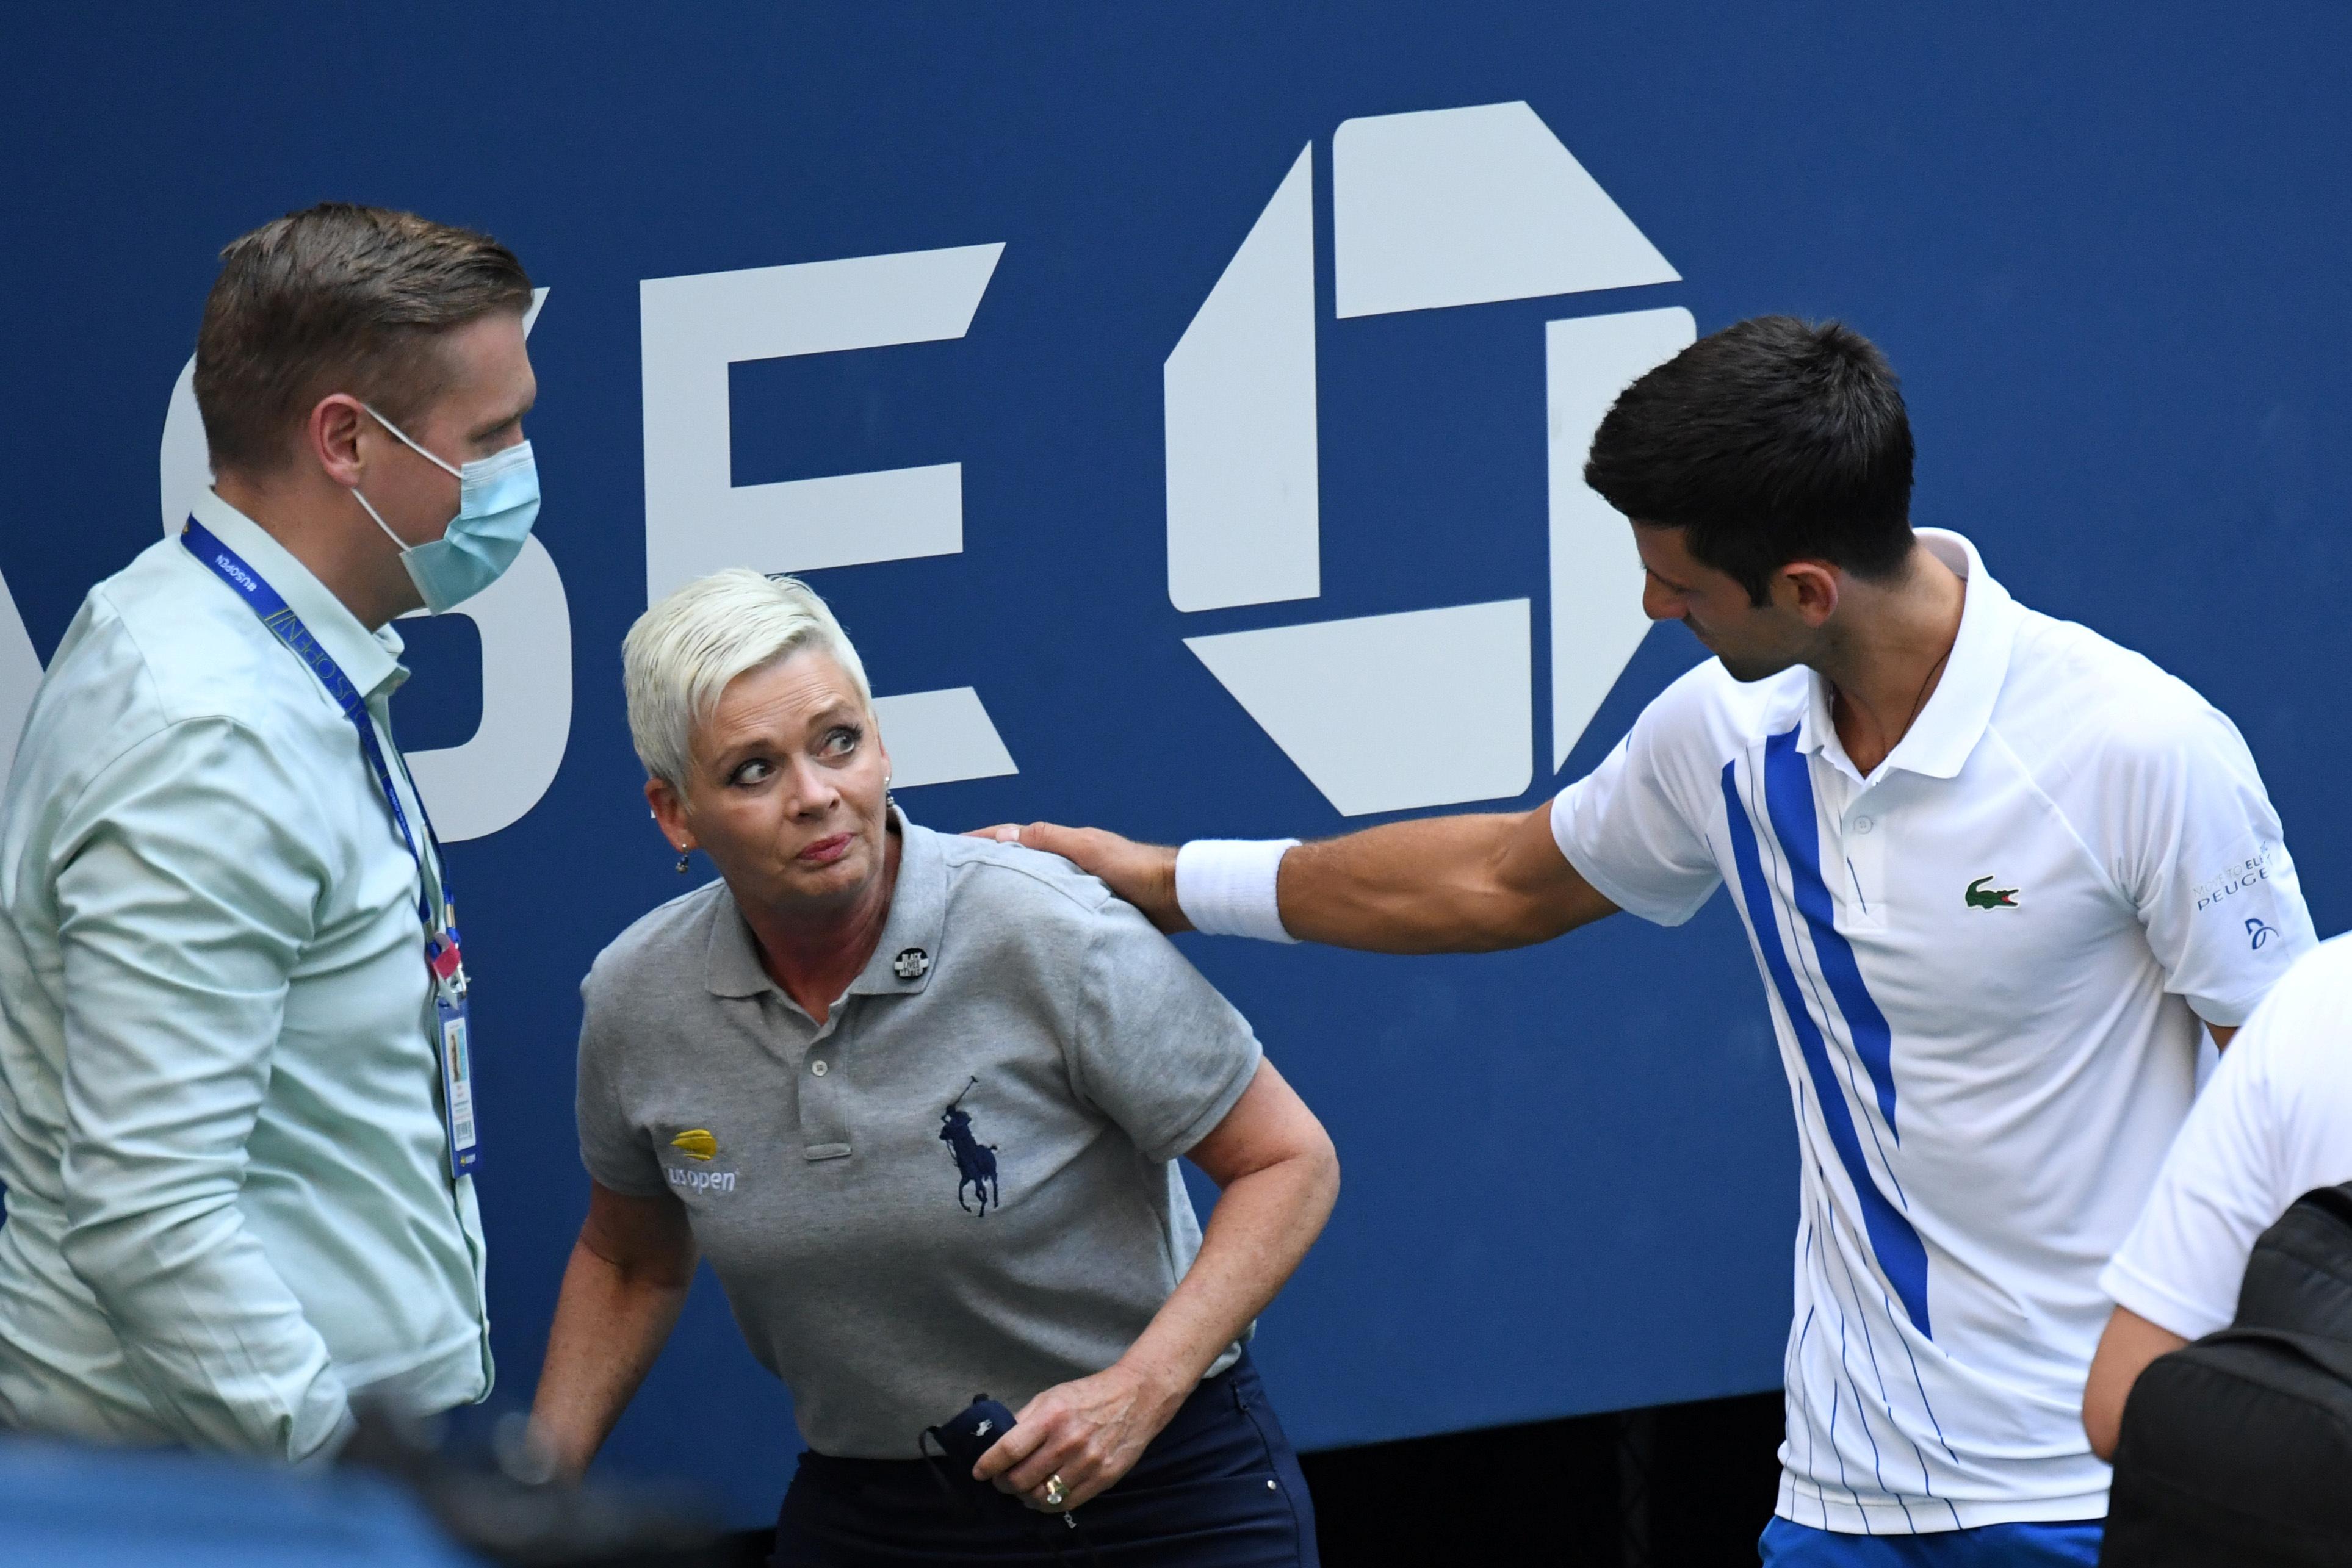 La Metamorfosis De Djokovic El Simpatico Imitador Que Hoy Es Numero Uno De Las Polemicas La Tercera